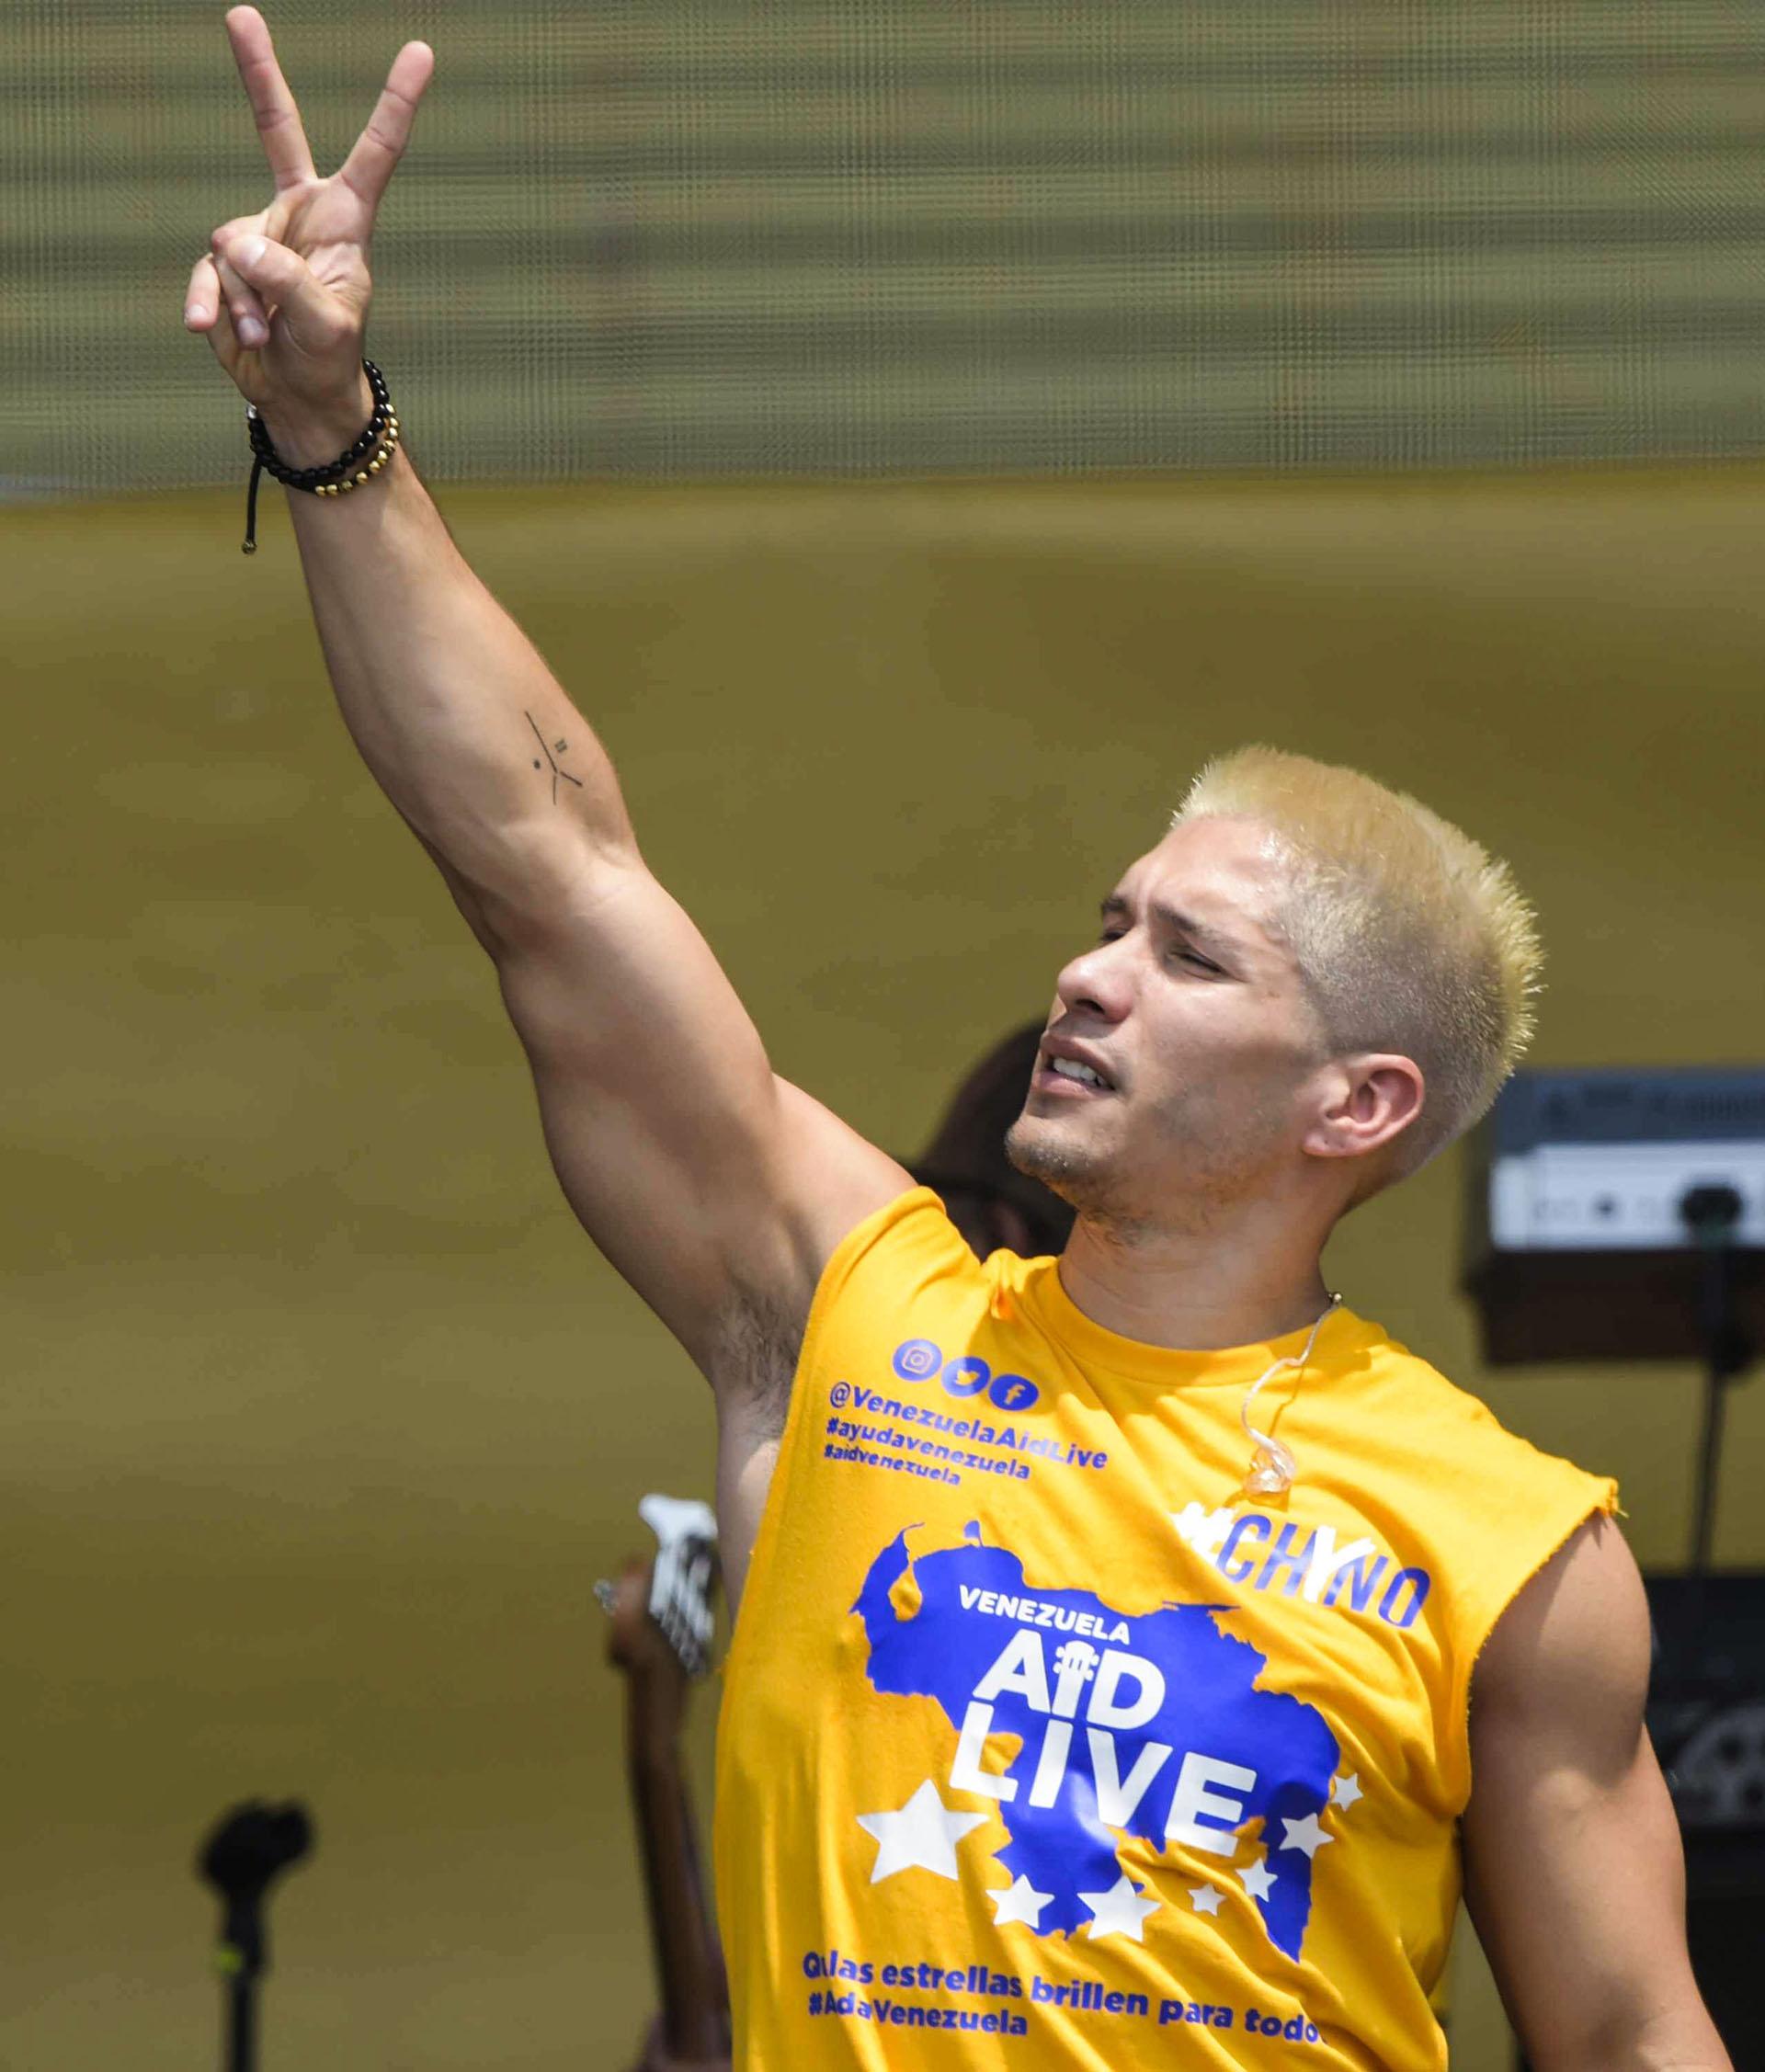 """El cantante venezolano """"Chyno"""" forma la letra V durante su actuación en el concierto """"Venezuela Aid Live"""". (AFP)"""